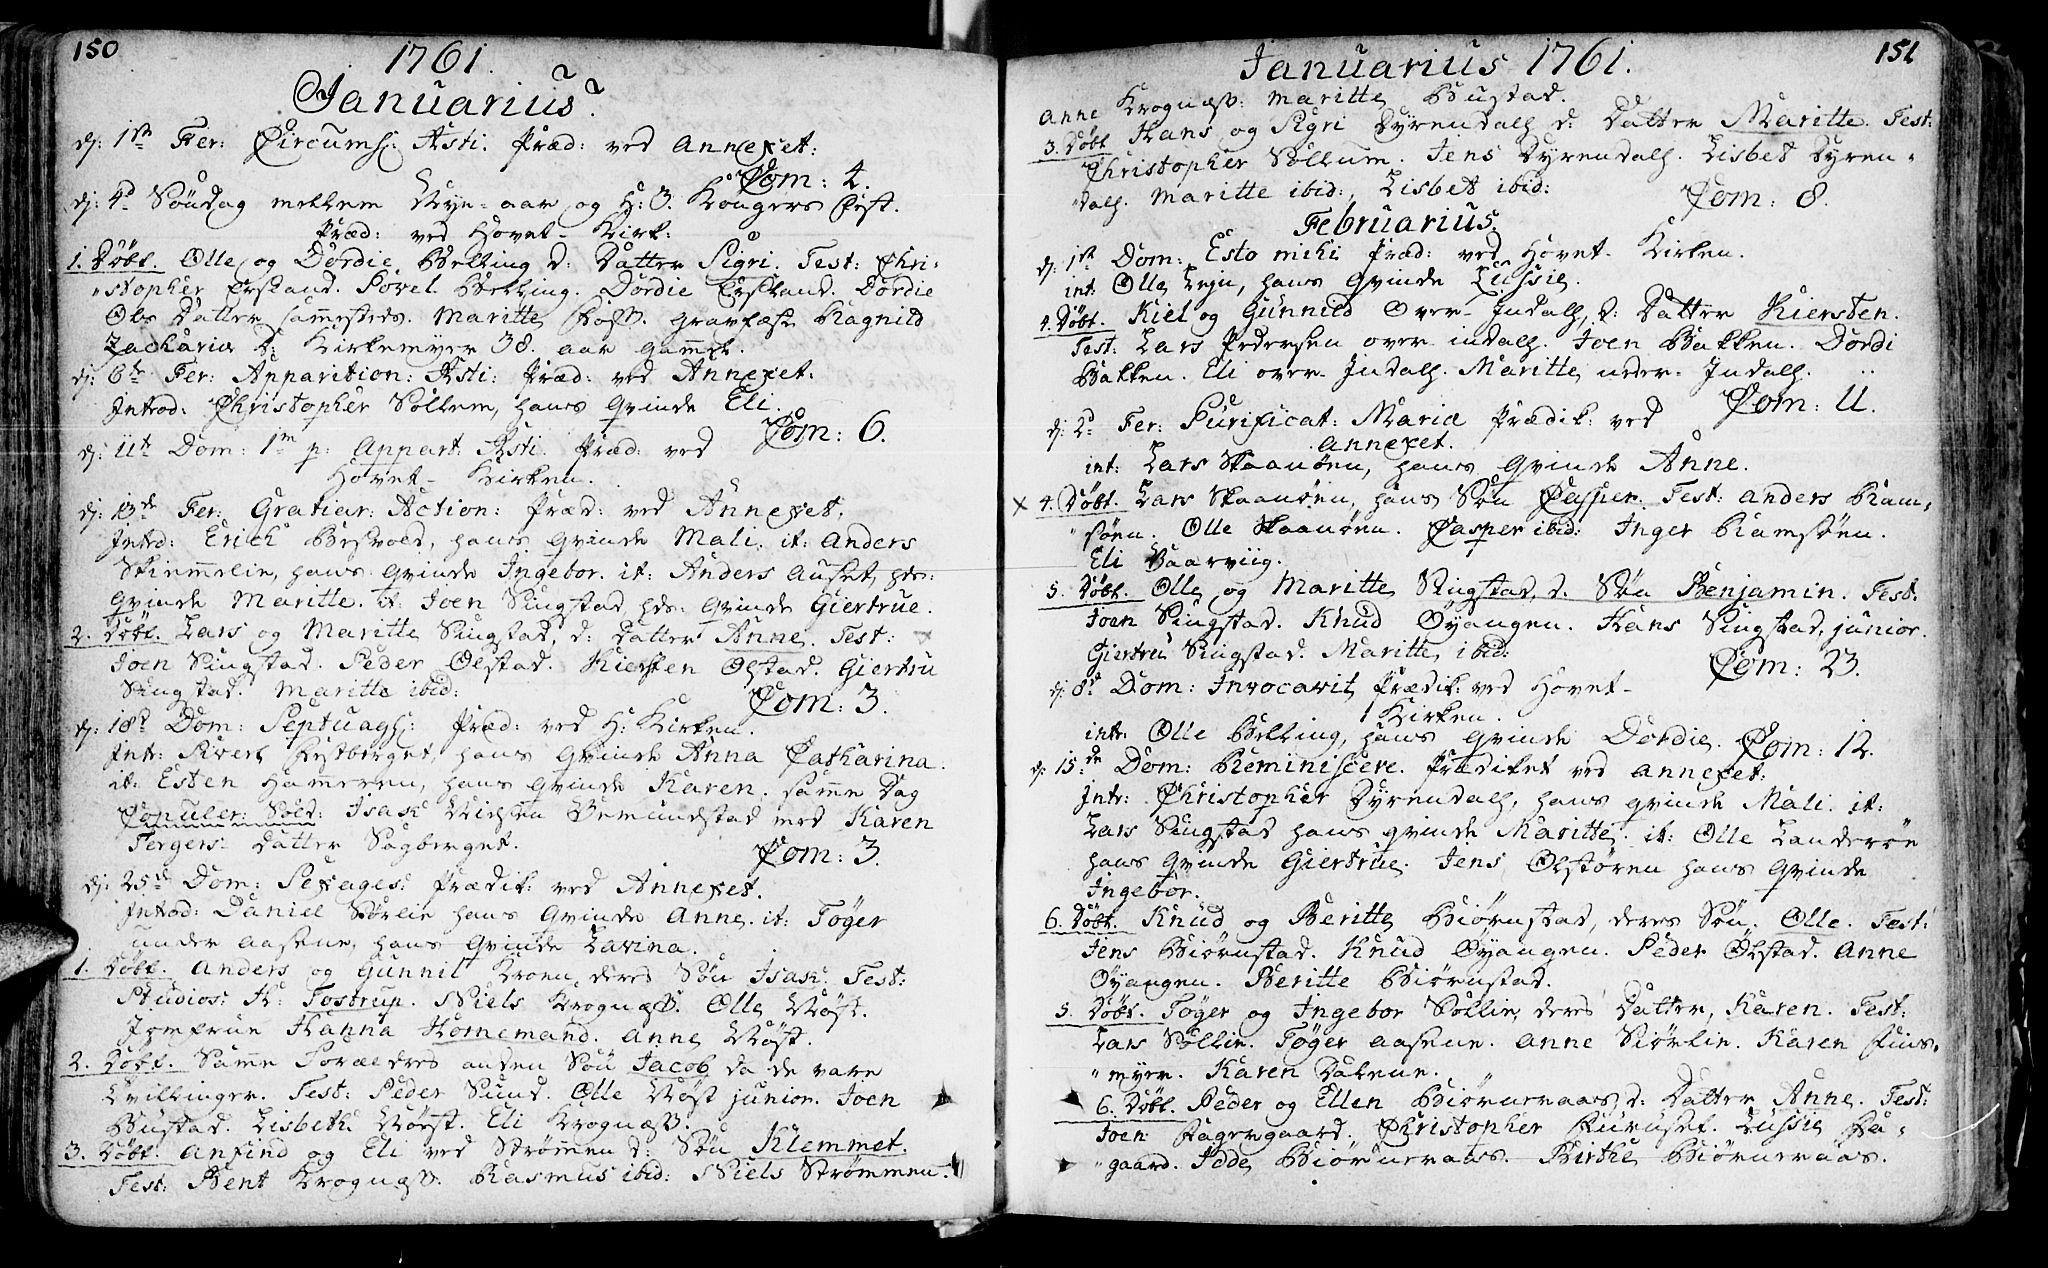 SAT, Ministerialprotokoller, klokkerbøker og fødselsregistre - Sør-Trøndelag, 646/L0605: Ministerialbok nr. 646A03, 1751-1790, s. 150-151